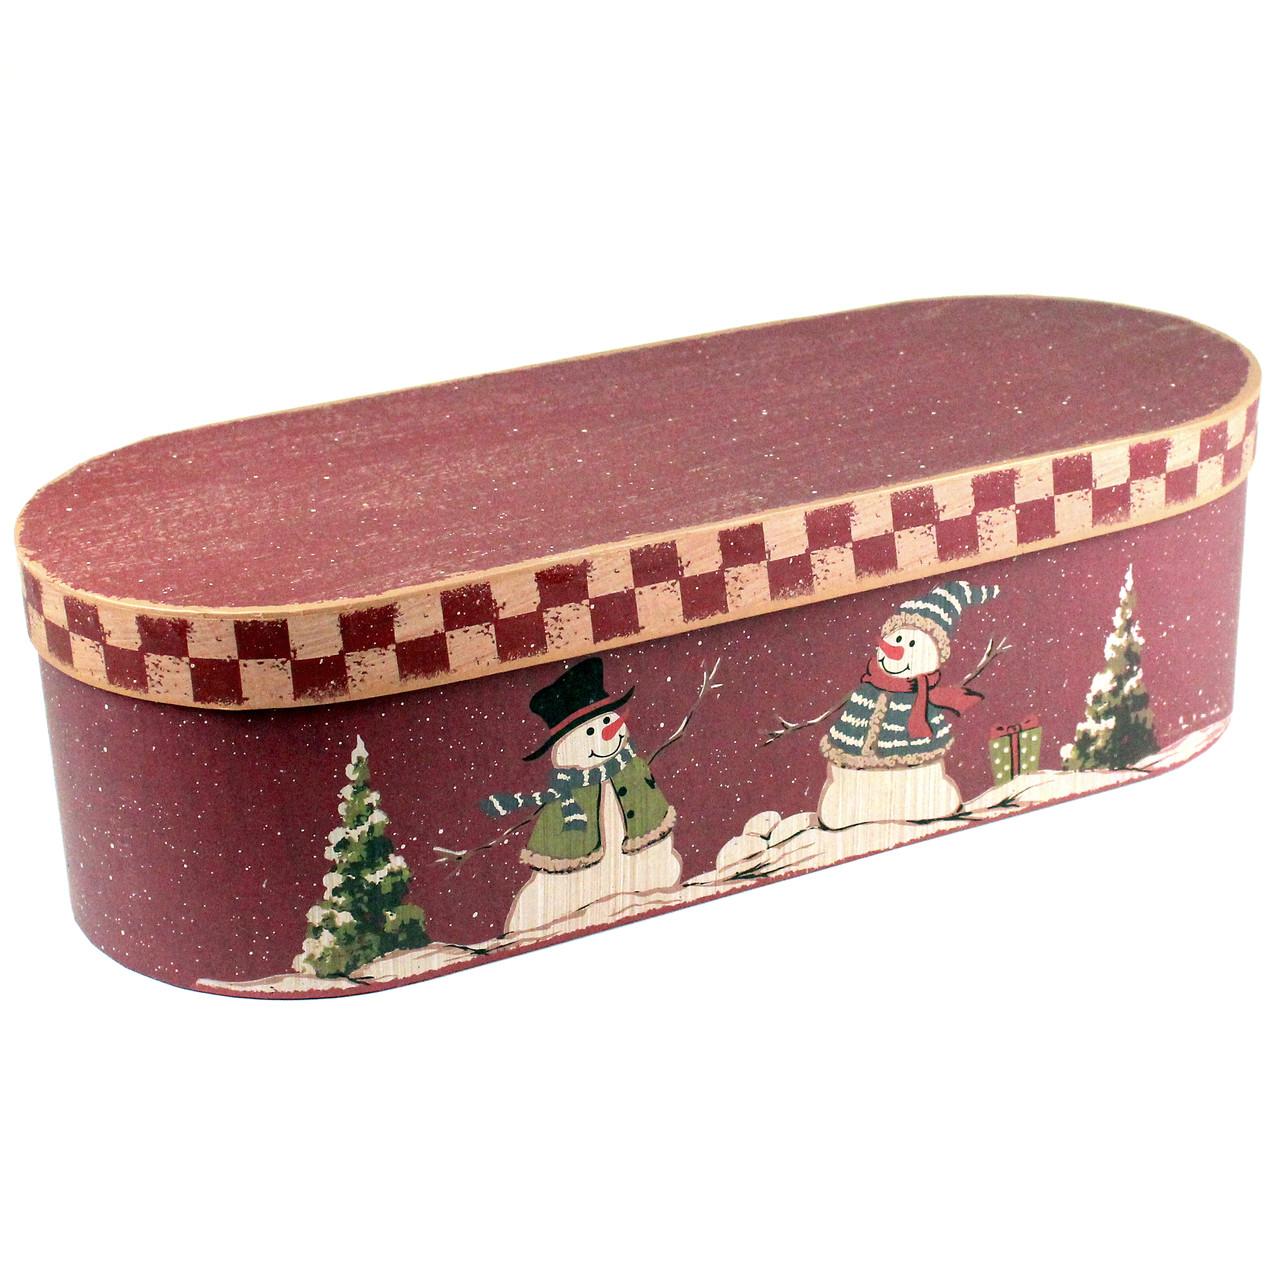 Большая подарочная коробка Снеговики 45 x 16 x 12.5 см